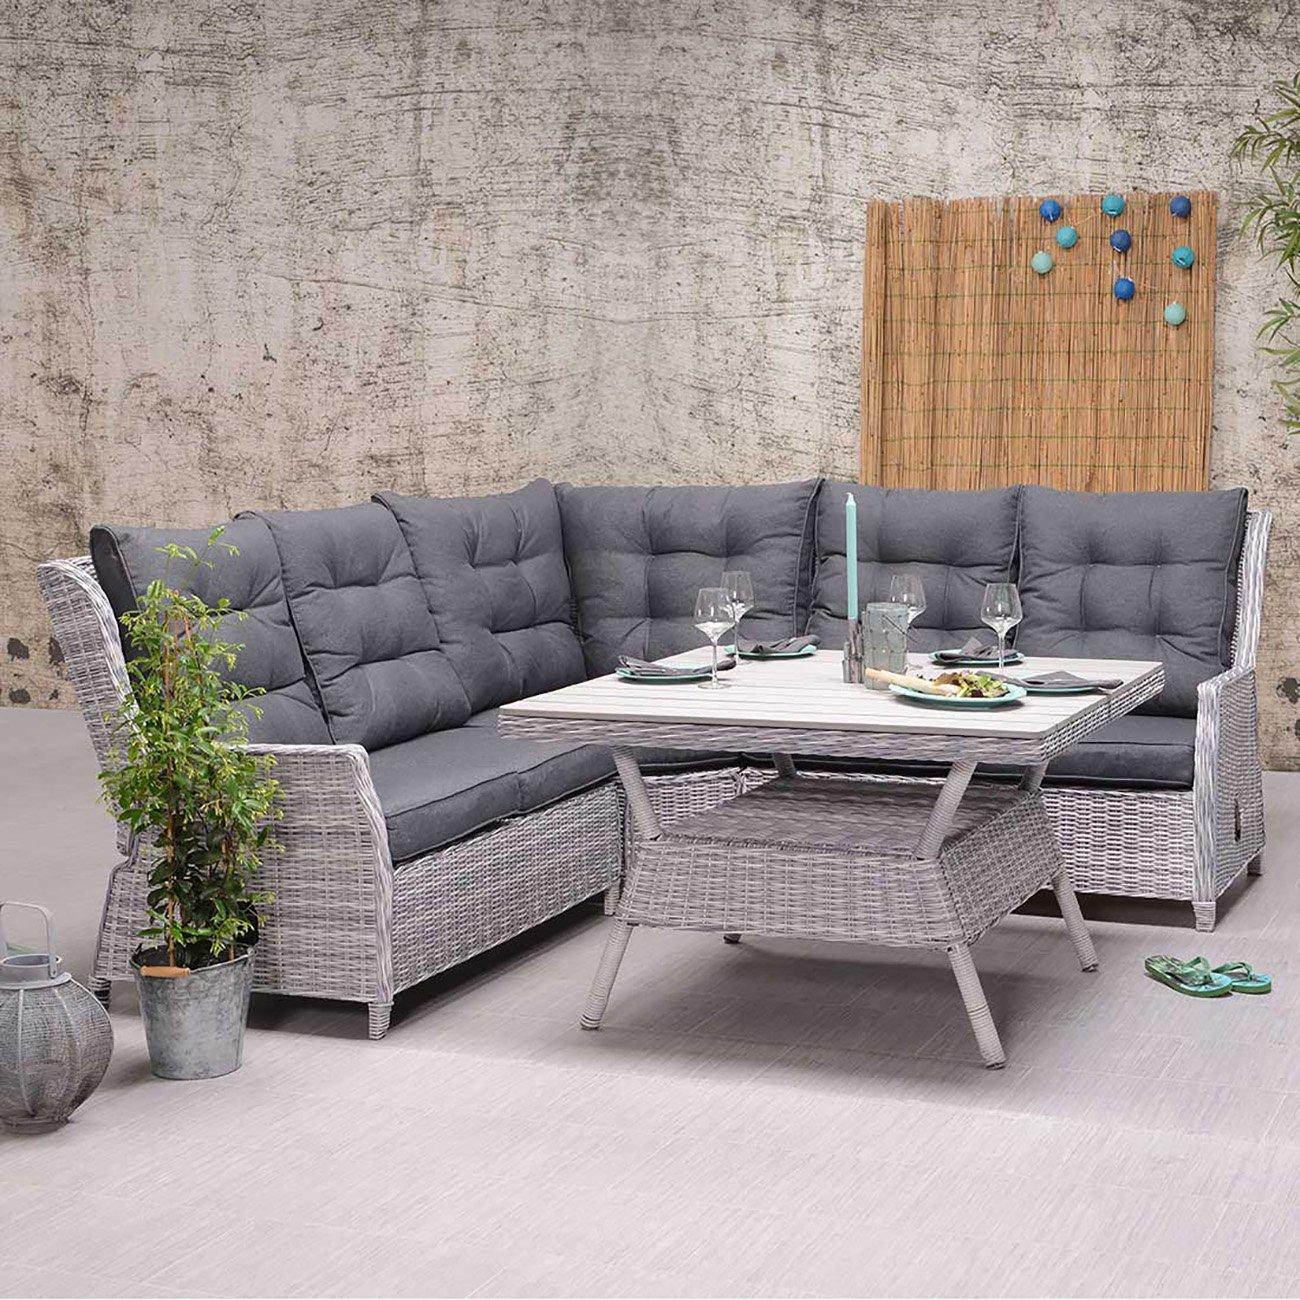 outliv dunham dininglounge 4tlg geflecht cloudy grey. Black Bedroom Furniture Sets. Home Design Ideas